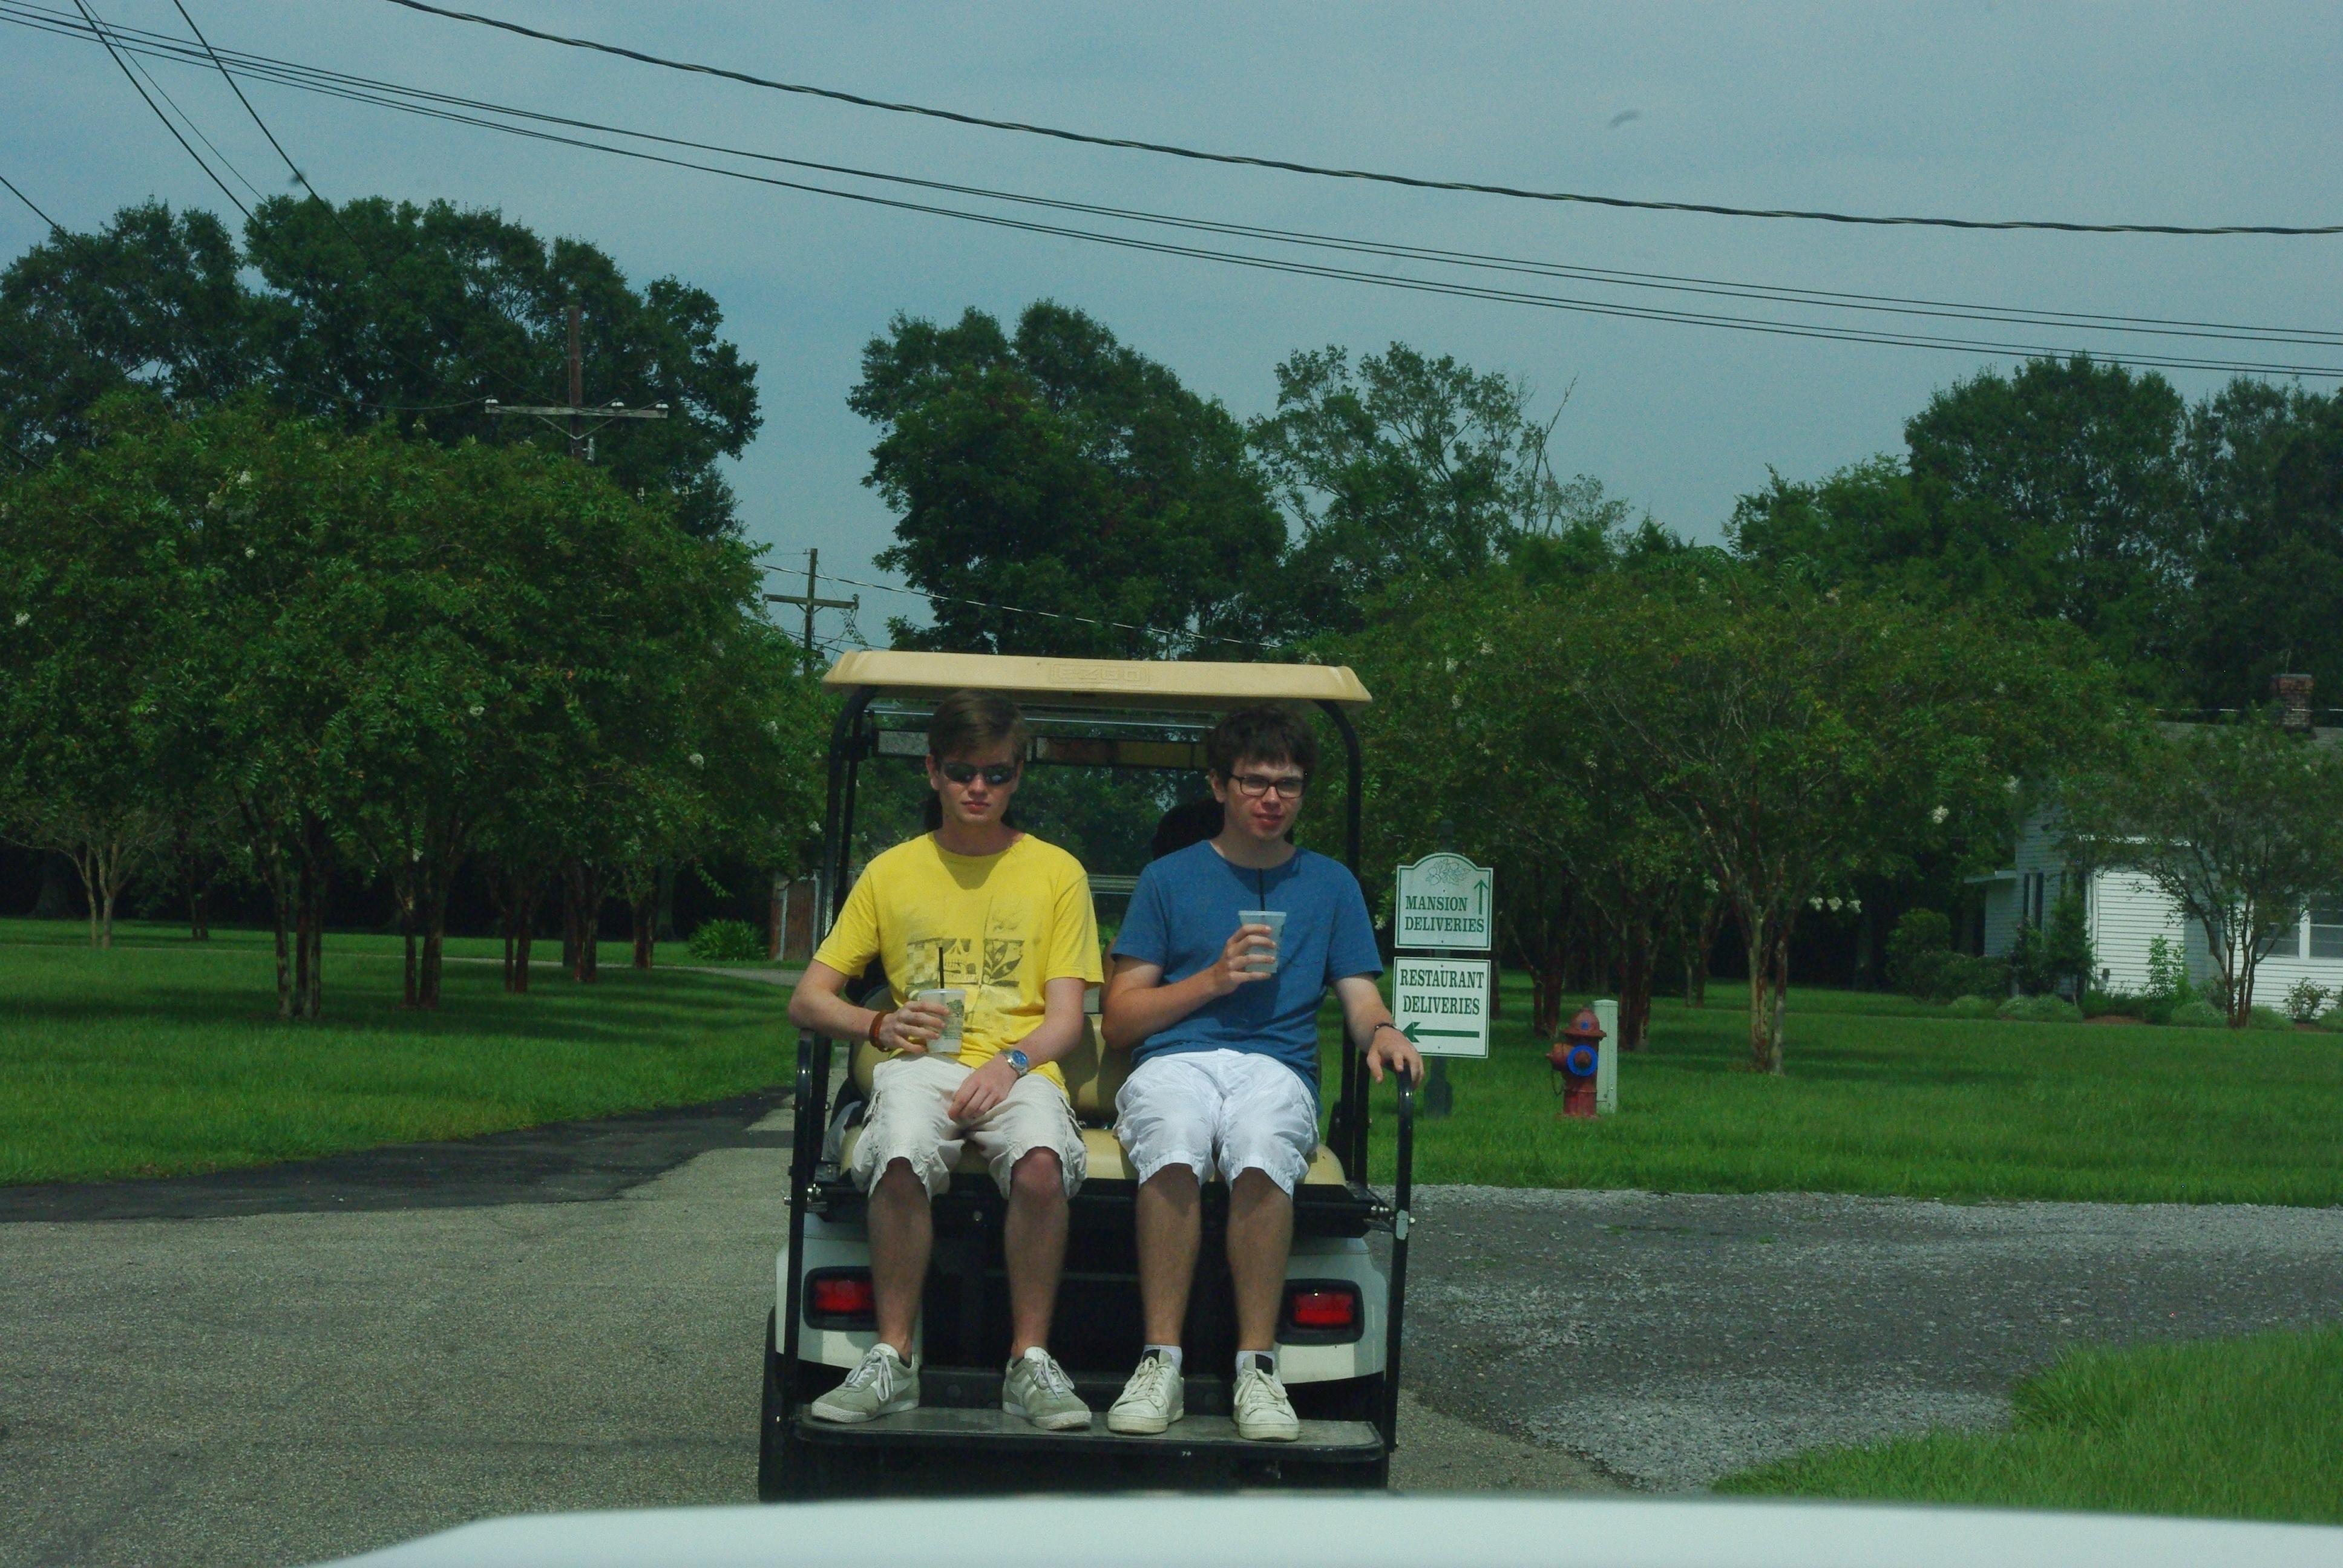 Arrivée à la plantation avec un petit tour en voiturette de golf. Celle ci peut monter jusqu'à 30 km/h